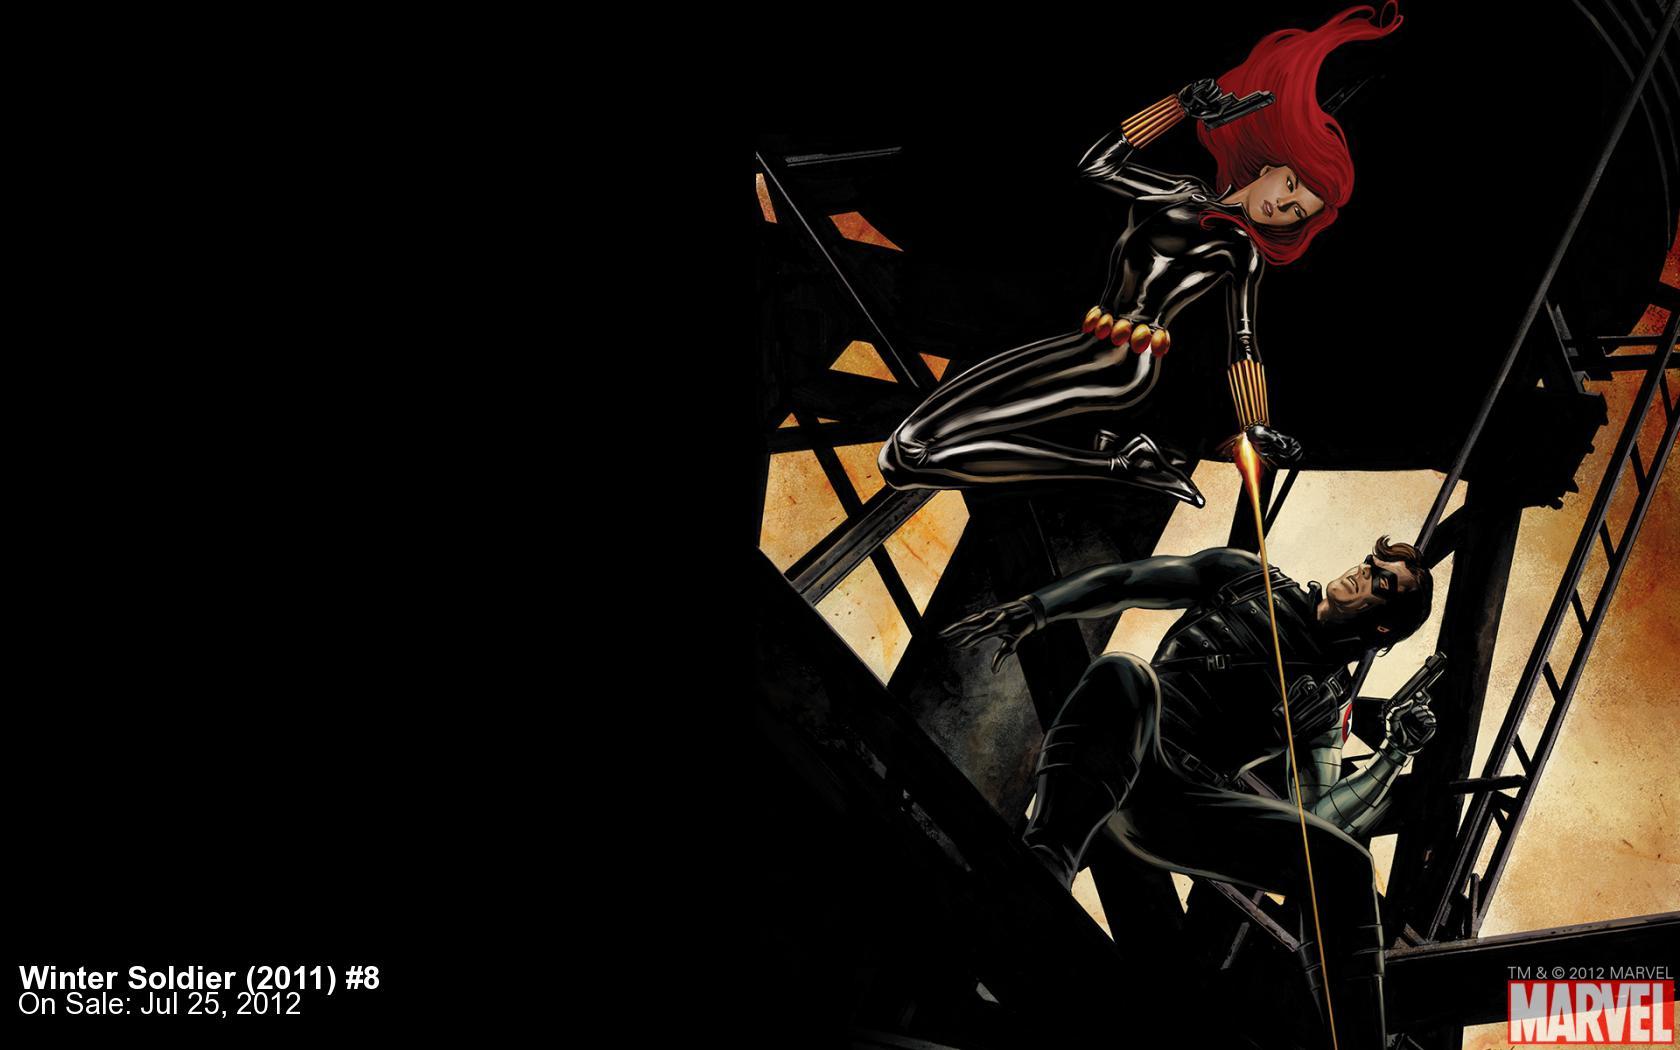 Winter Soldier (2011) #8